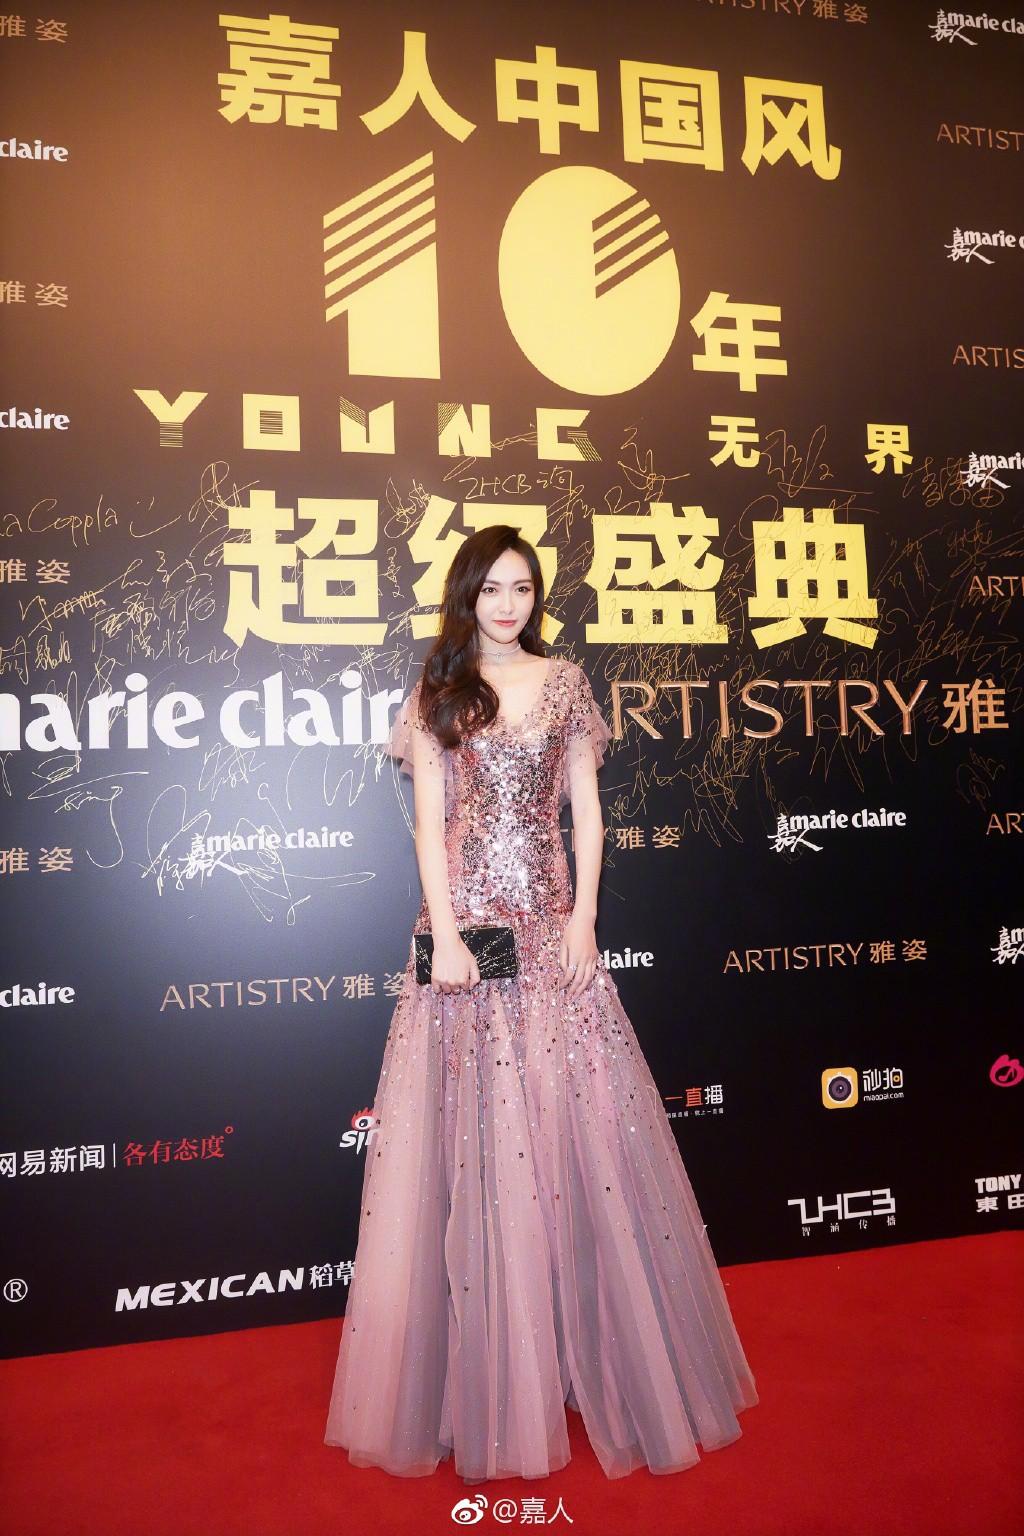 Thảm đỏ Marie Claire: Đường Yên chiếm sóng với chiếc váy đẹp xuất sắc, Lưu Diệc Phi kém sang hơn hẳn Dương Mịch - Angela Baby - Ảnh 8.